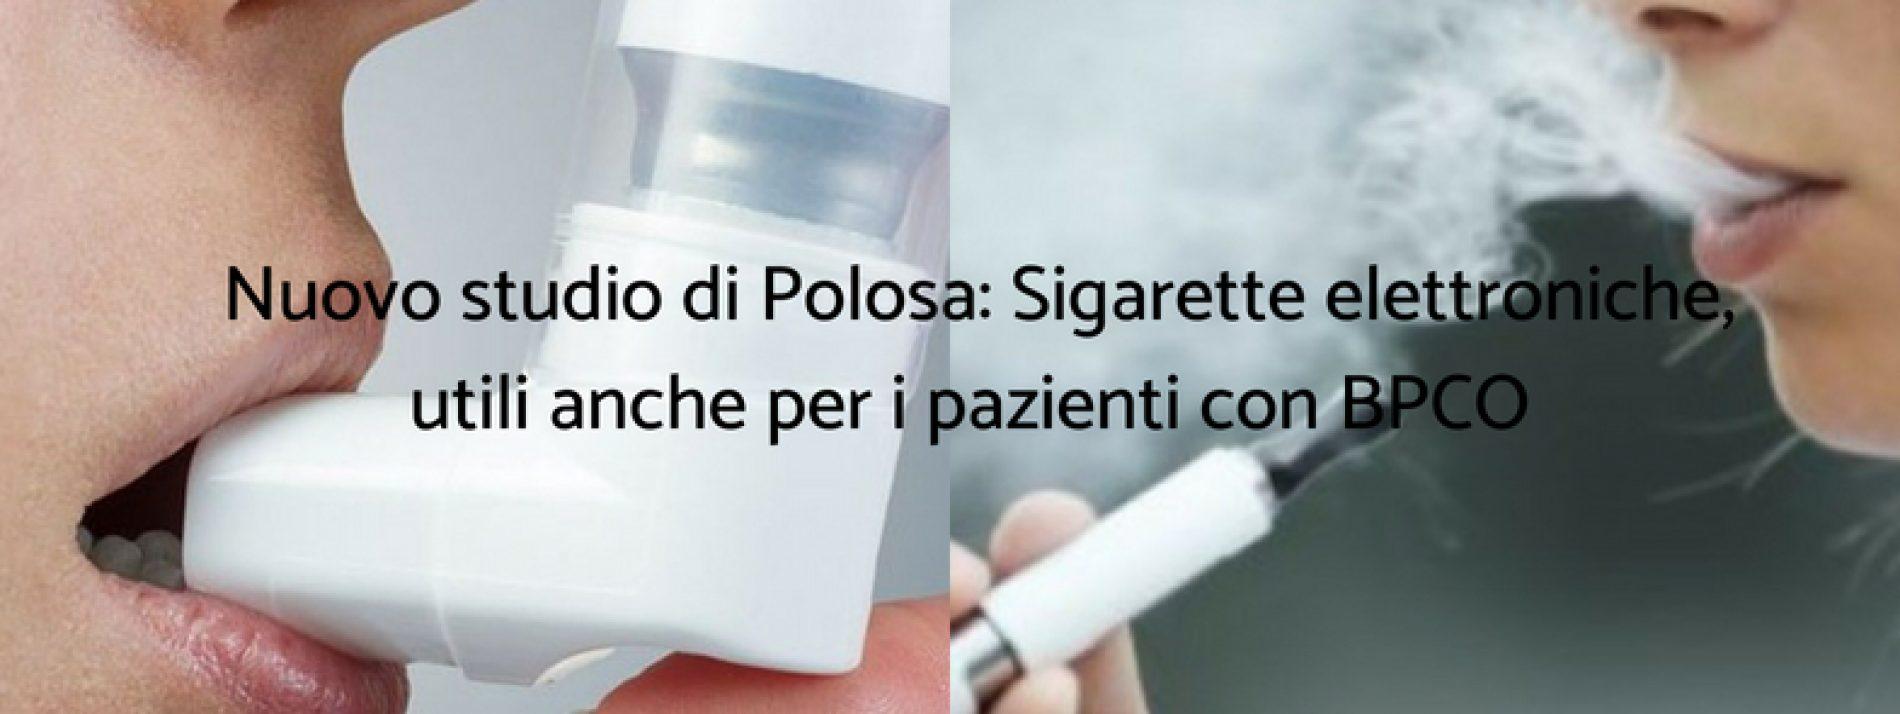 L'uso di sigarette elettroniche può invertire il danno causato dal fumo di tabacco nei pazienti con BPCO, anche nel lungo termine